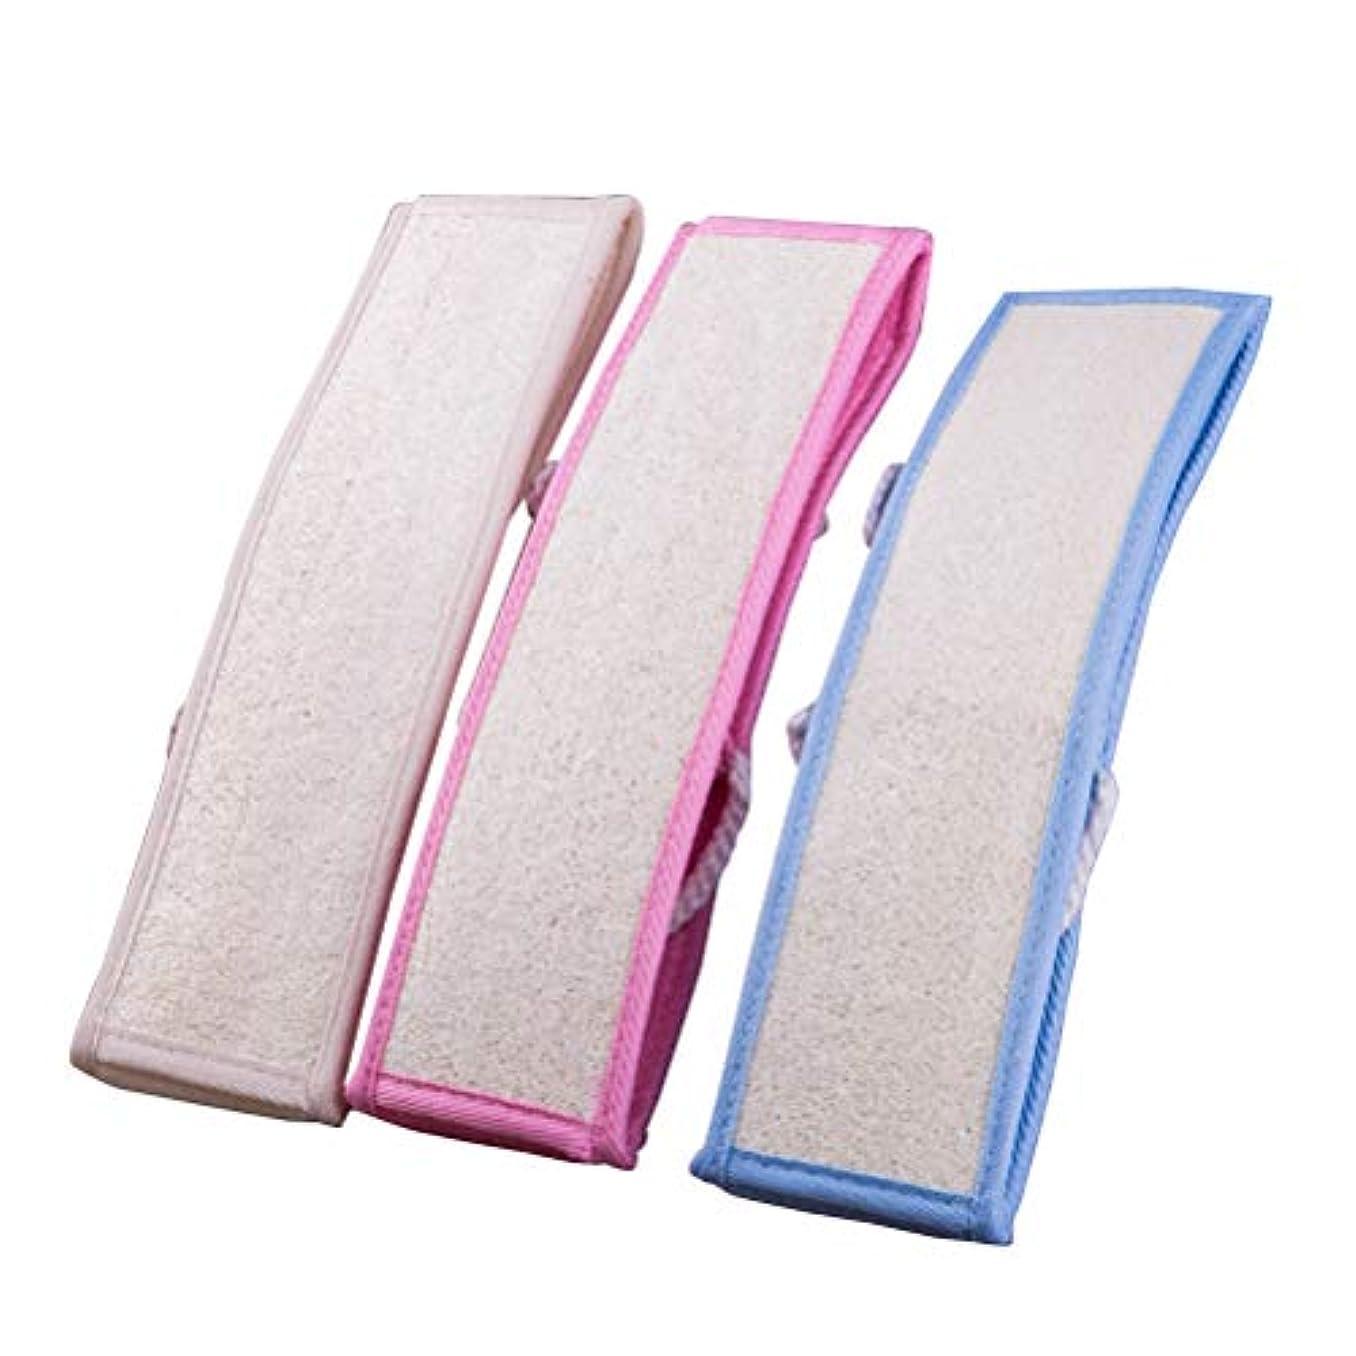 ルビーお父さんハーネスHealifty 3本のLoofahバックストラップ剥離バックスクラバーロングシャワーバスLoofah(青、ピンク、白各1個)